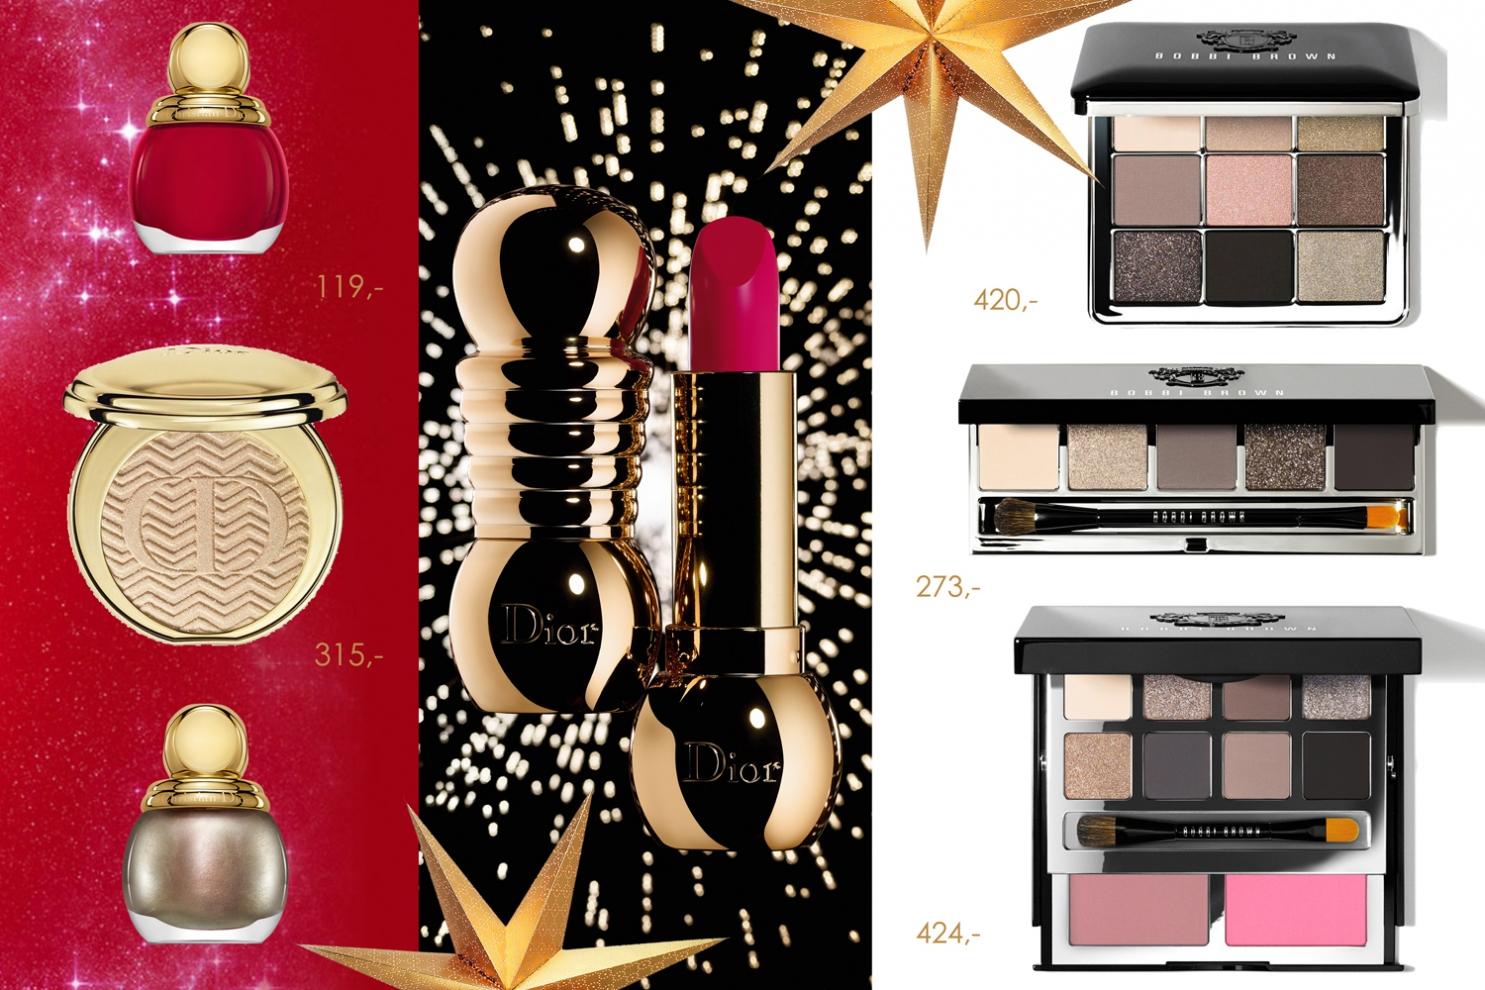 Prezenty świąteczne, Prezenty Boże Narodzenie 2015, Dior State of Gold, Bobbi Brown Holiday 2015